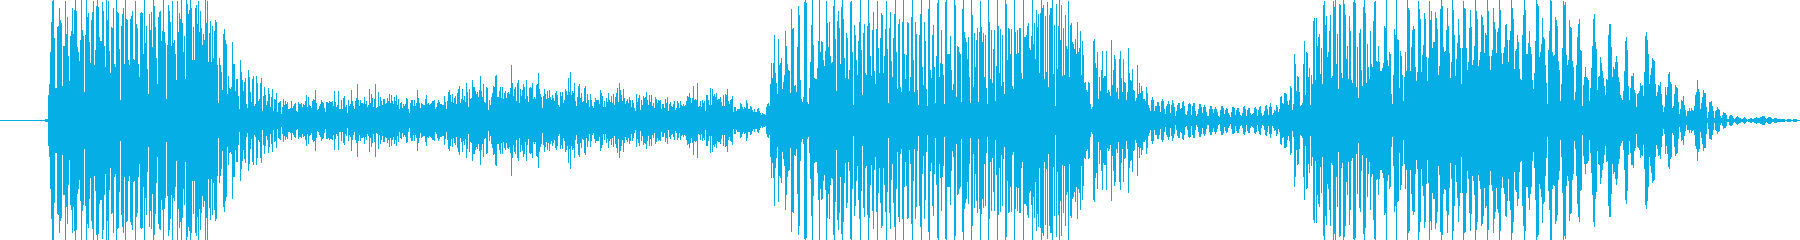 オフサイド!の再生済みの波形